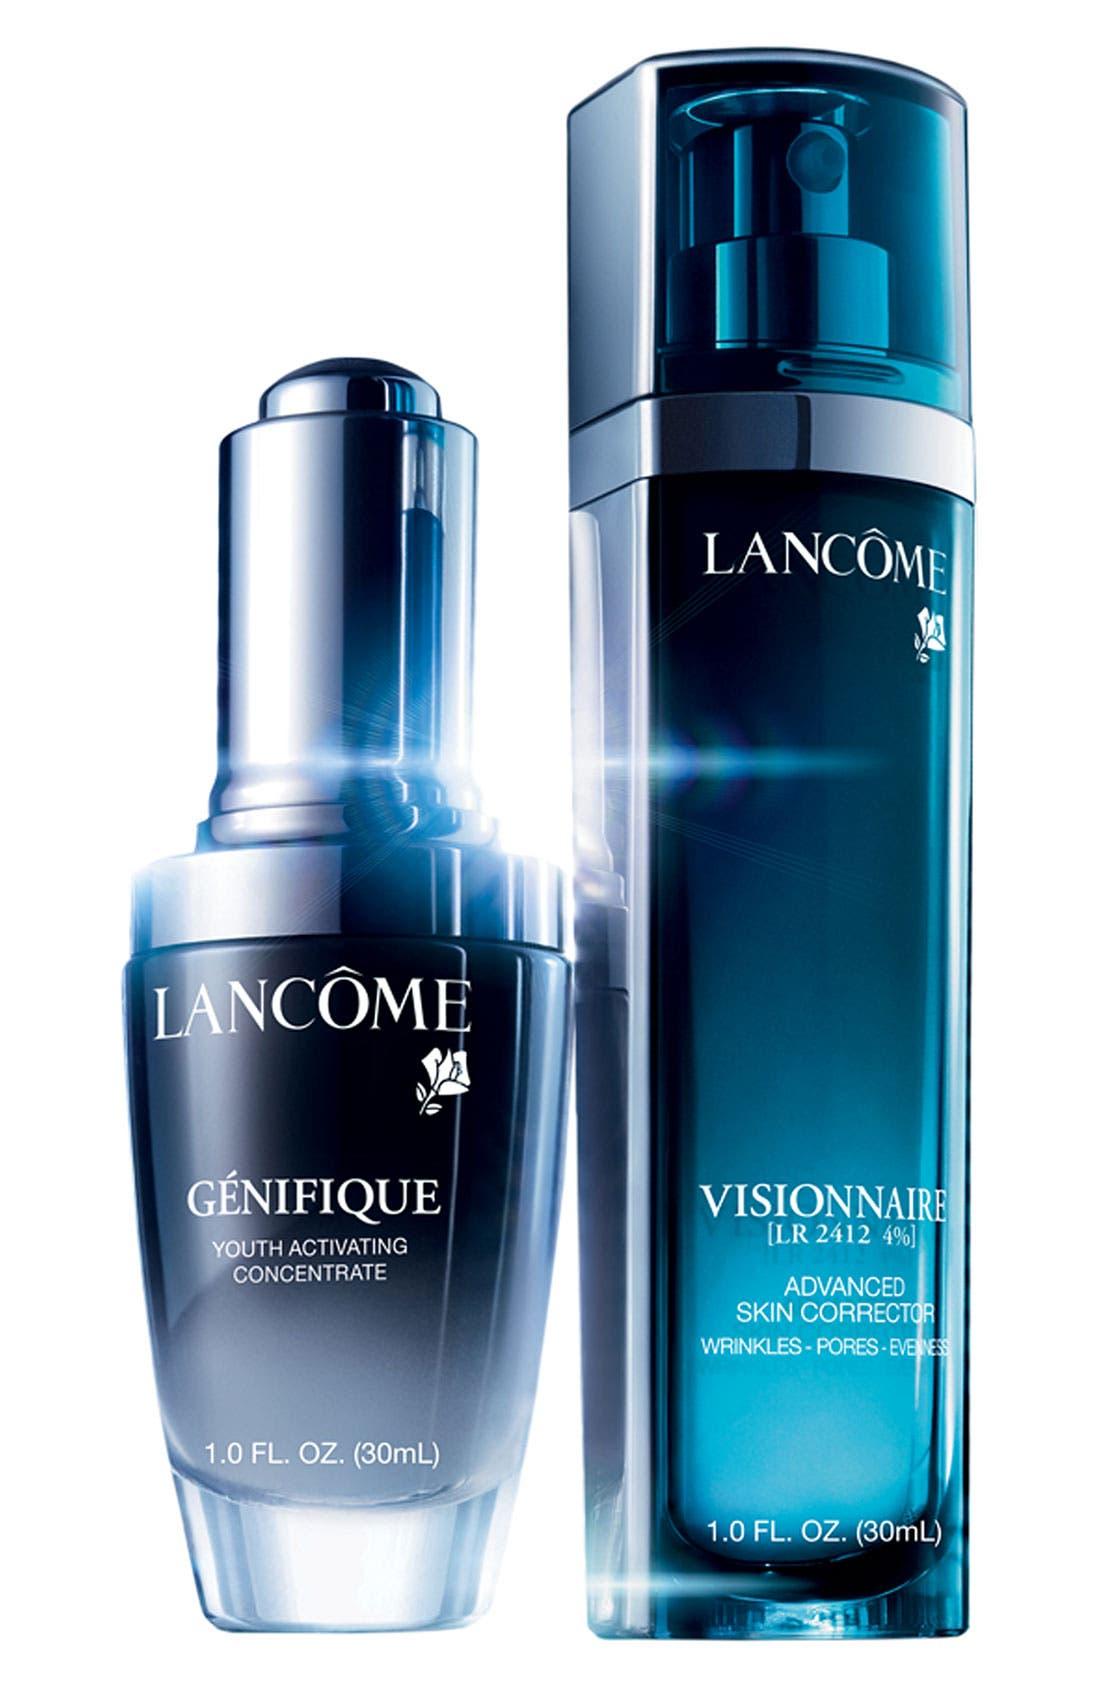 Alternate Image 1 Selected - Lancôme 'Génifique & Visionnaire' Serum Duo ($167 Value)